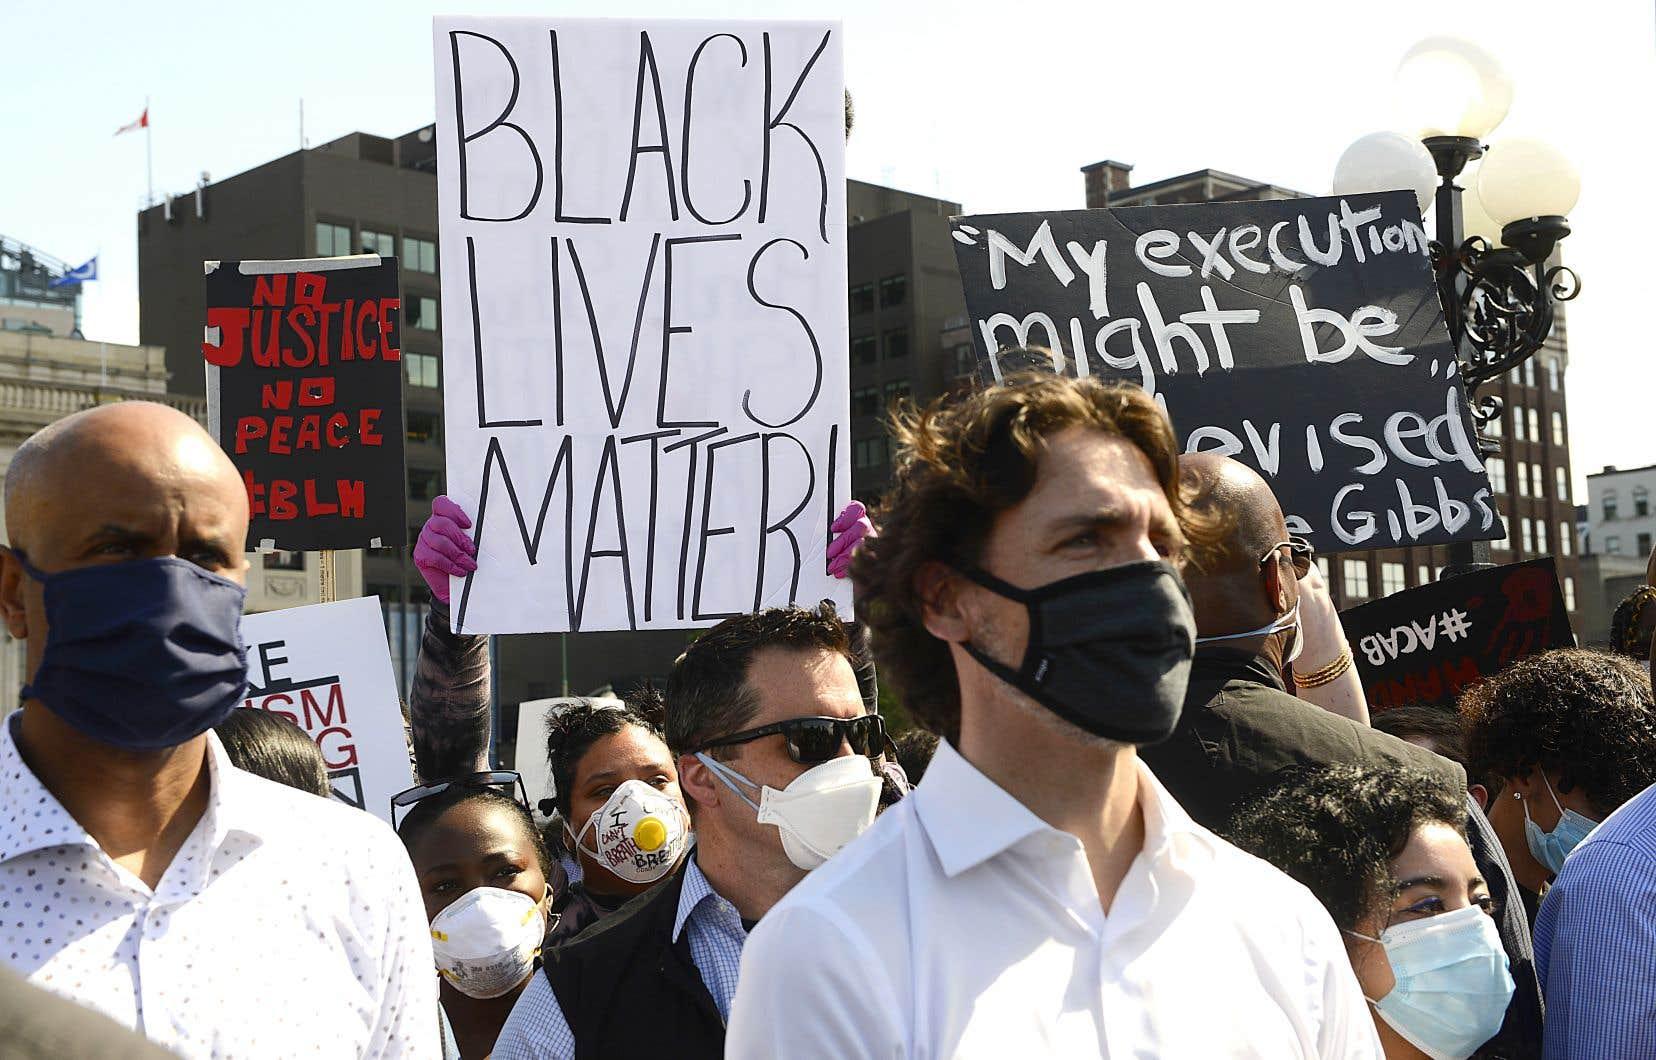 Le premier ministre Trudeau a fait parler de lui en fin de semaine, après avoir pris part vendredi à une grande manifestation contre le racisme à Ottawa.